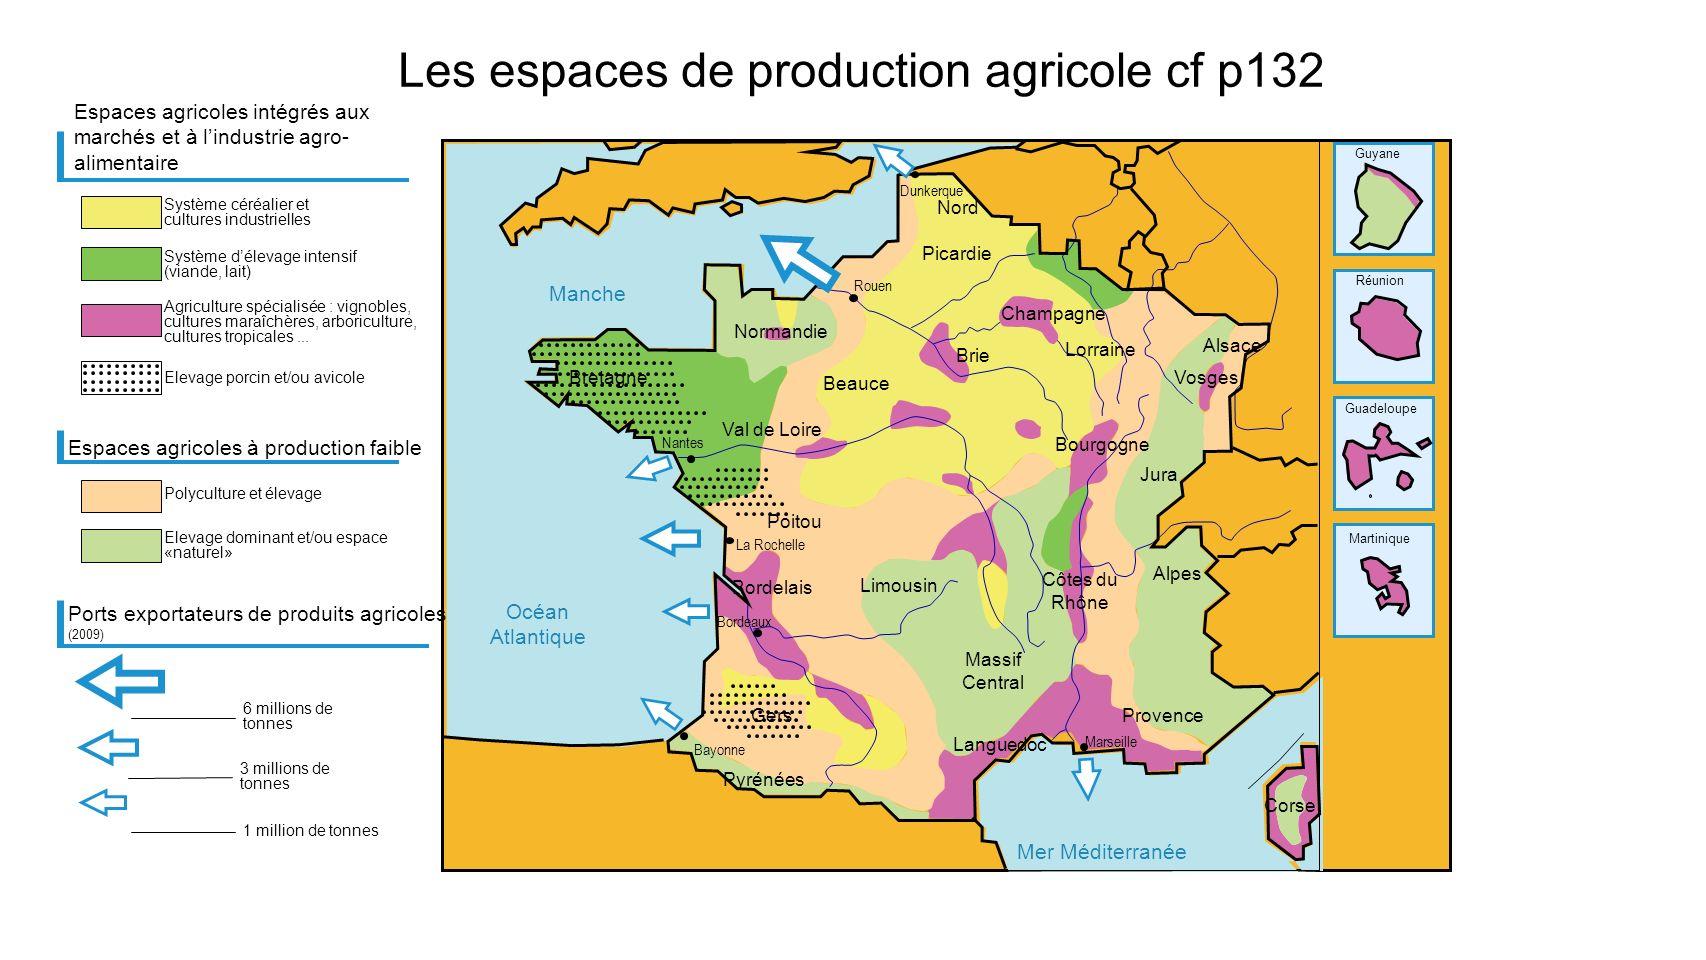 Les espaces de production agricole cf p132